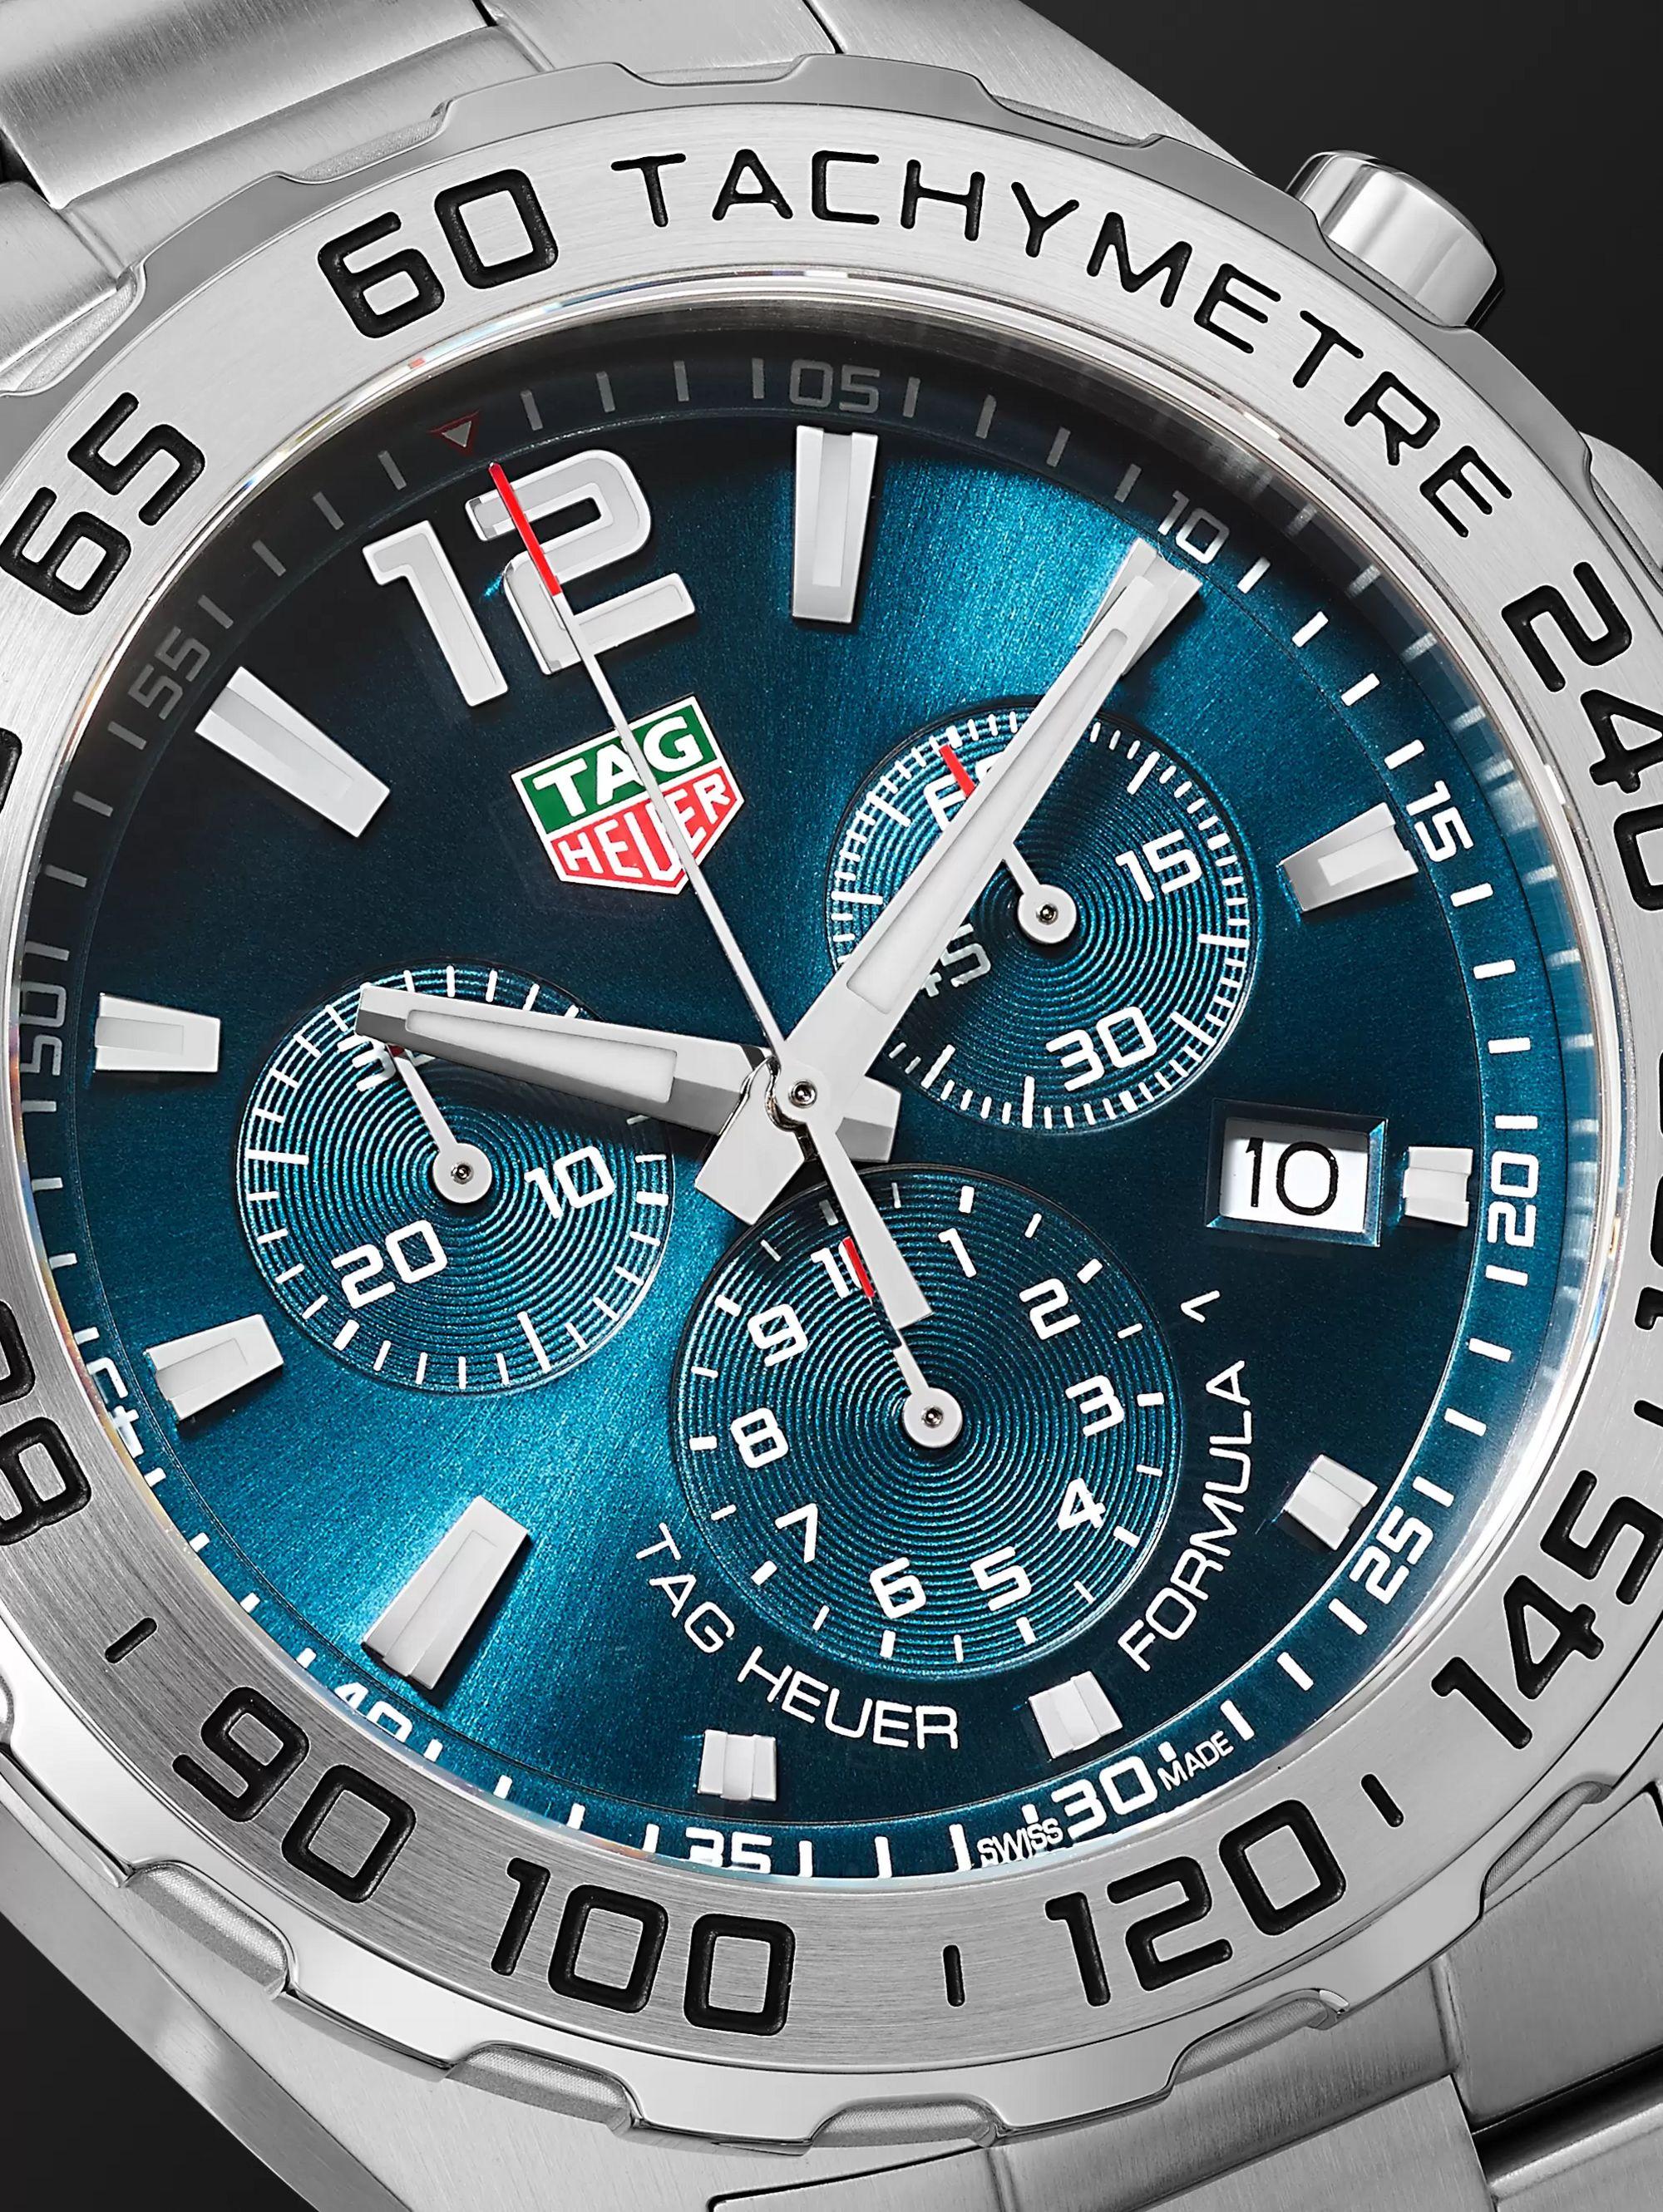 newest bddd7 daf96 Formula 1 Chronograph 43mm Stainless Steel Watch, Ref. No. CAZ101K.BA0842